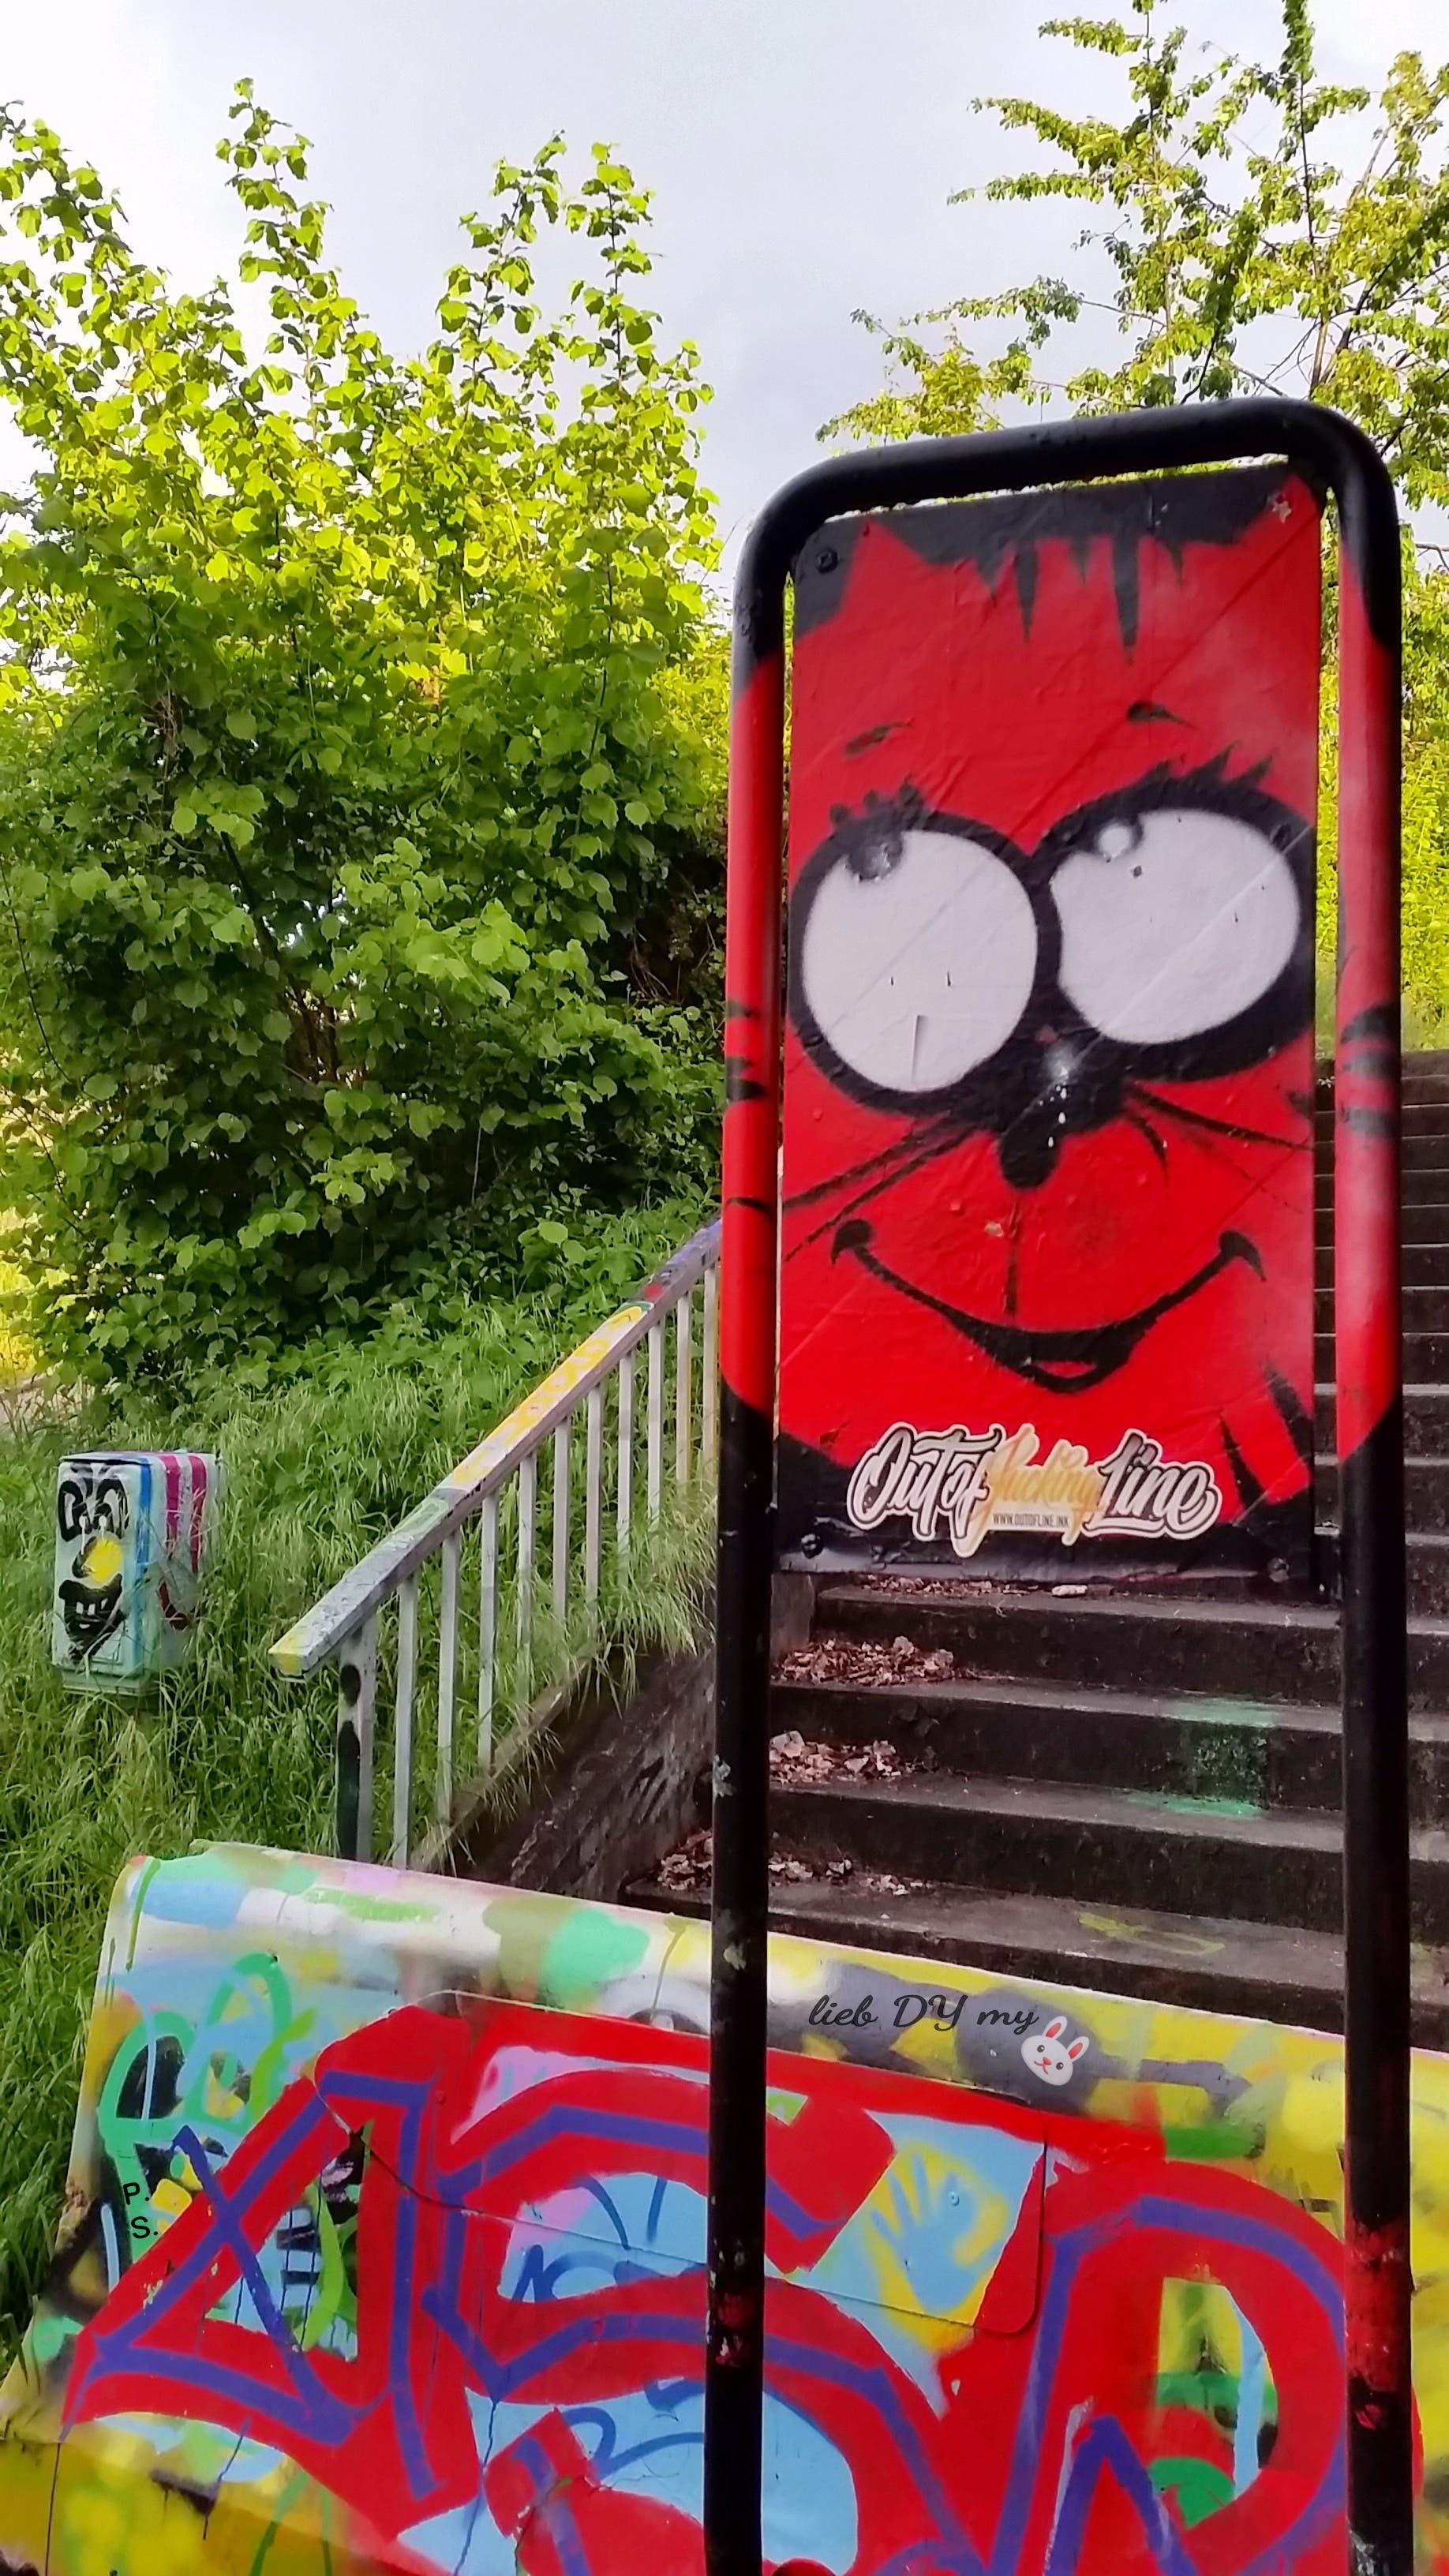 Basel - bunt, frech & sehr fröhlich